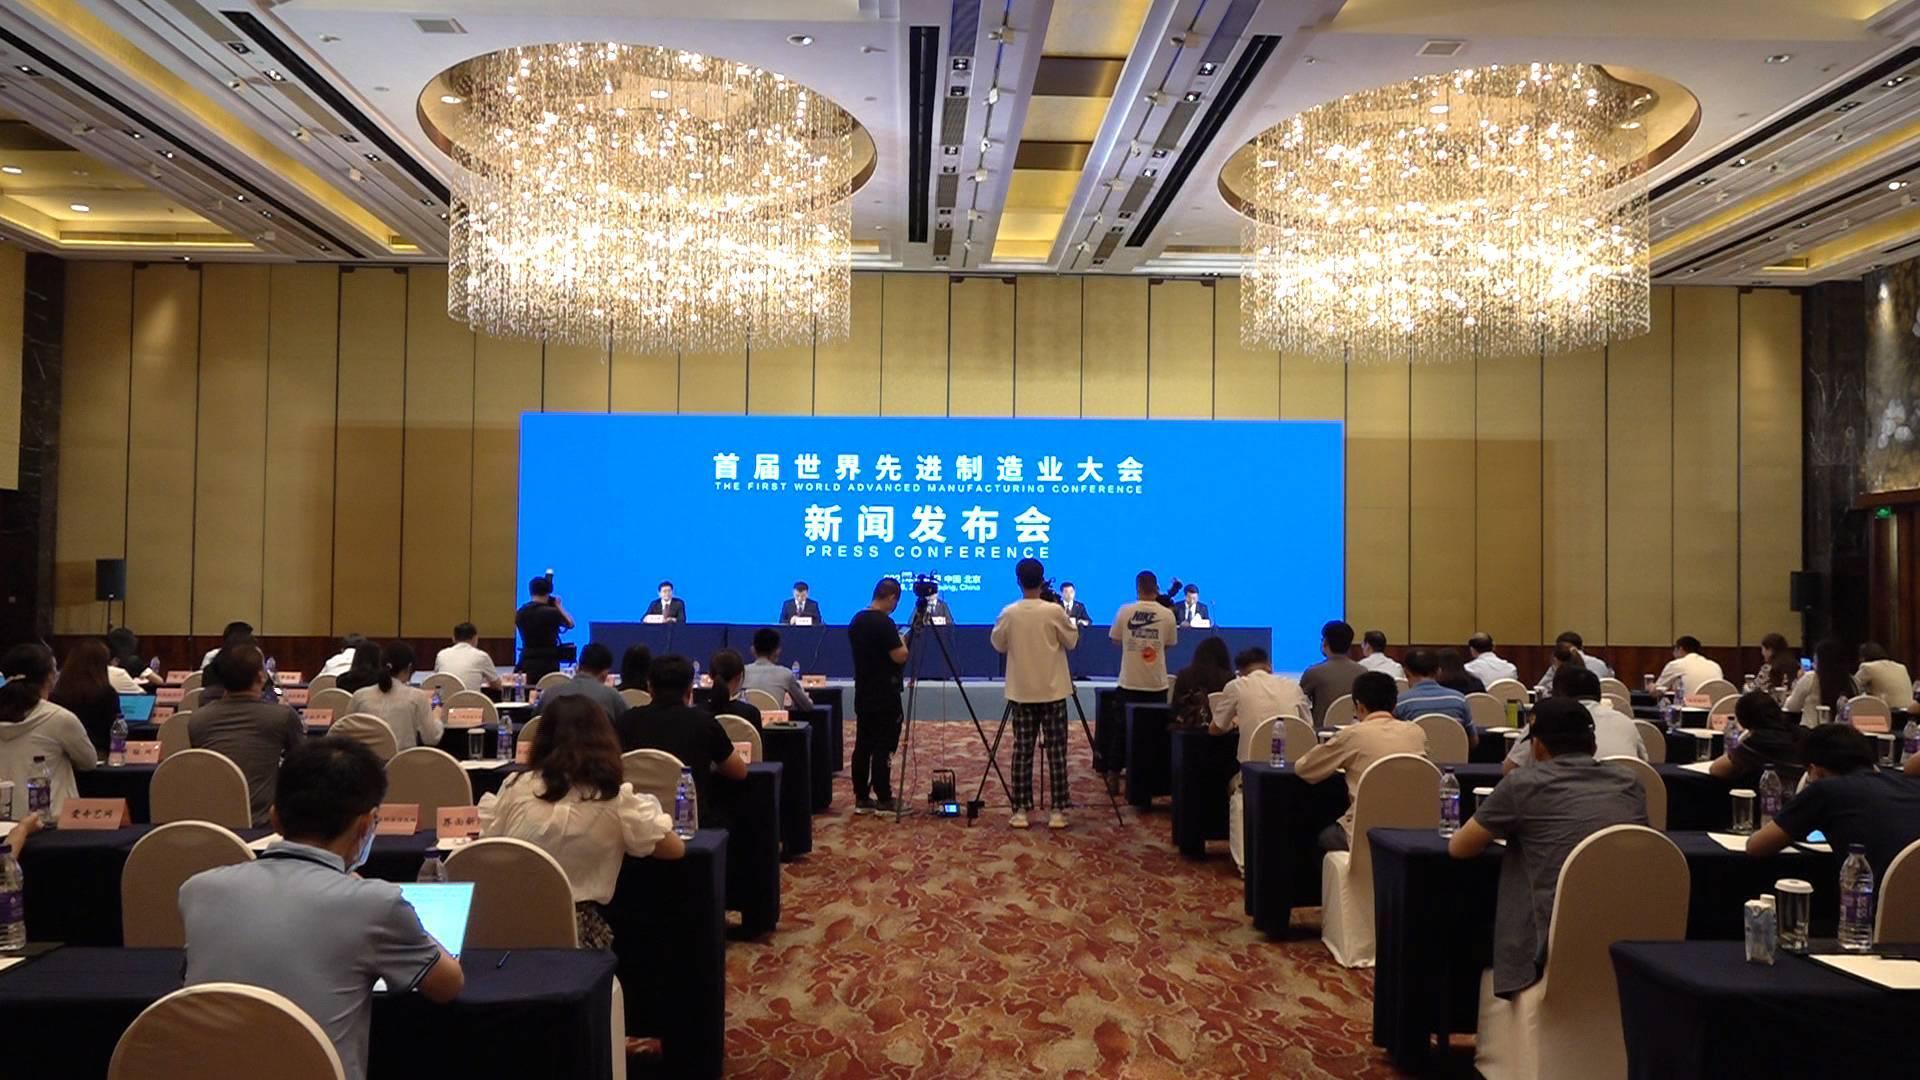 首届世界先进制造业大会将于8月23日-26日在济南举办